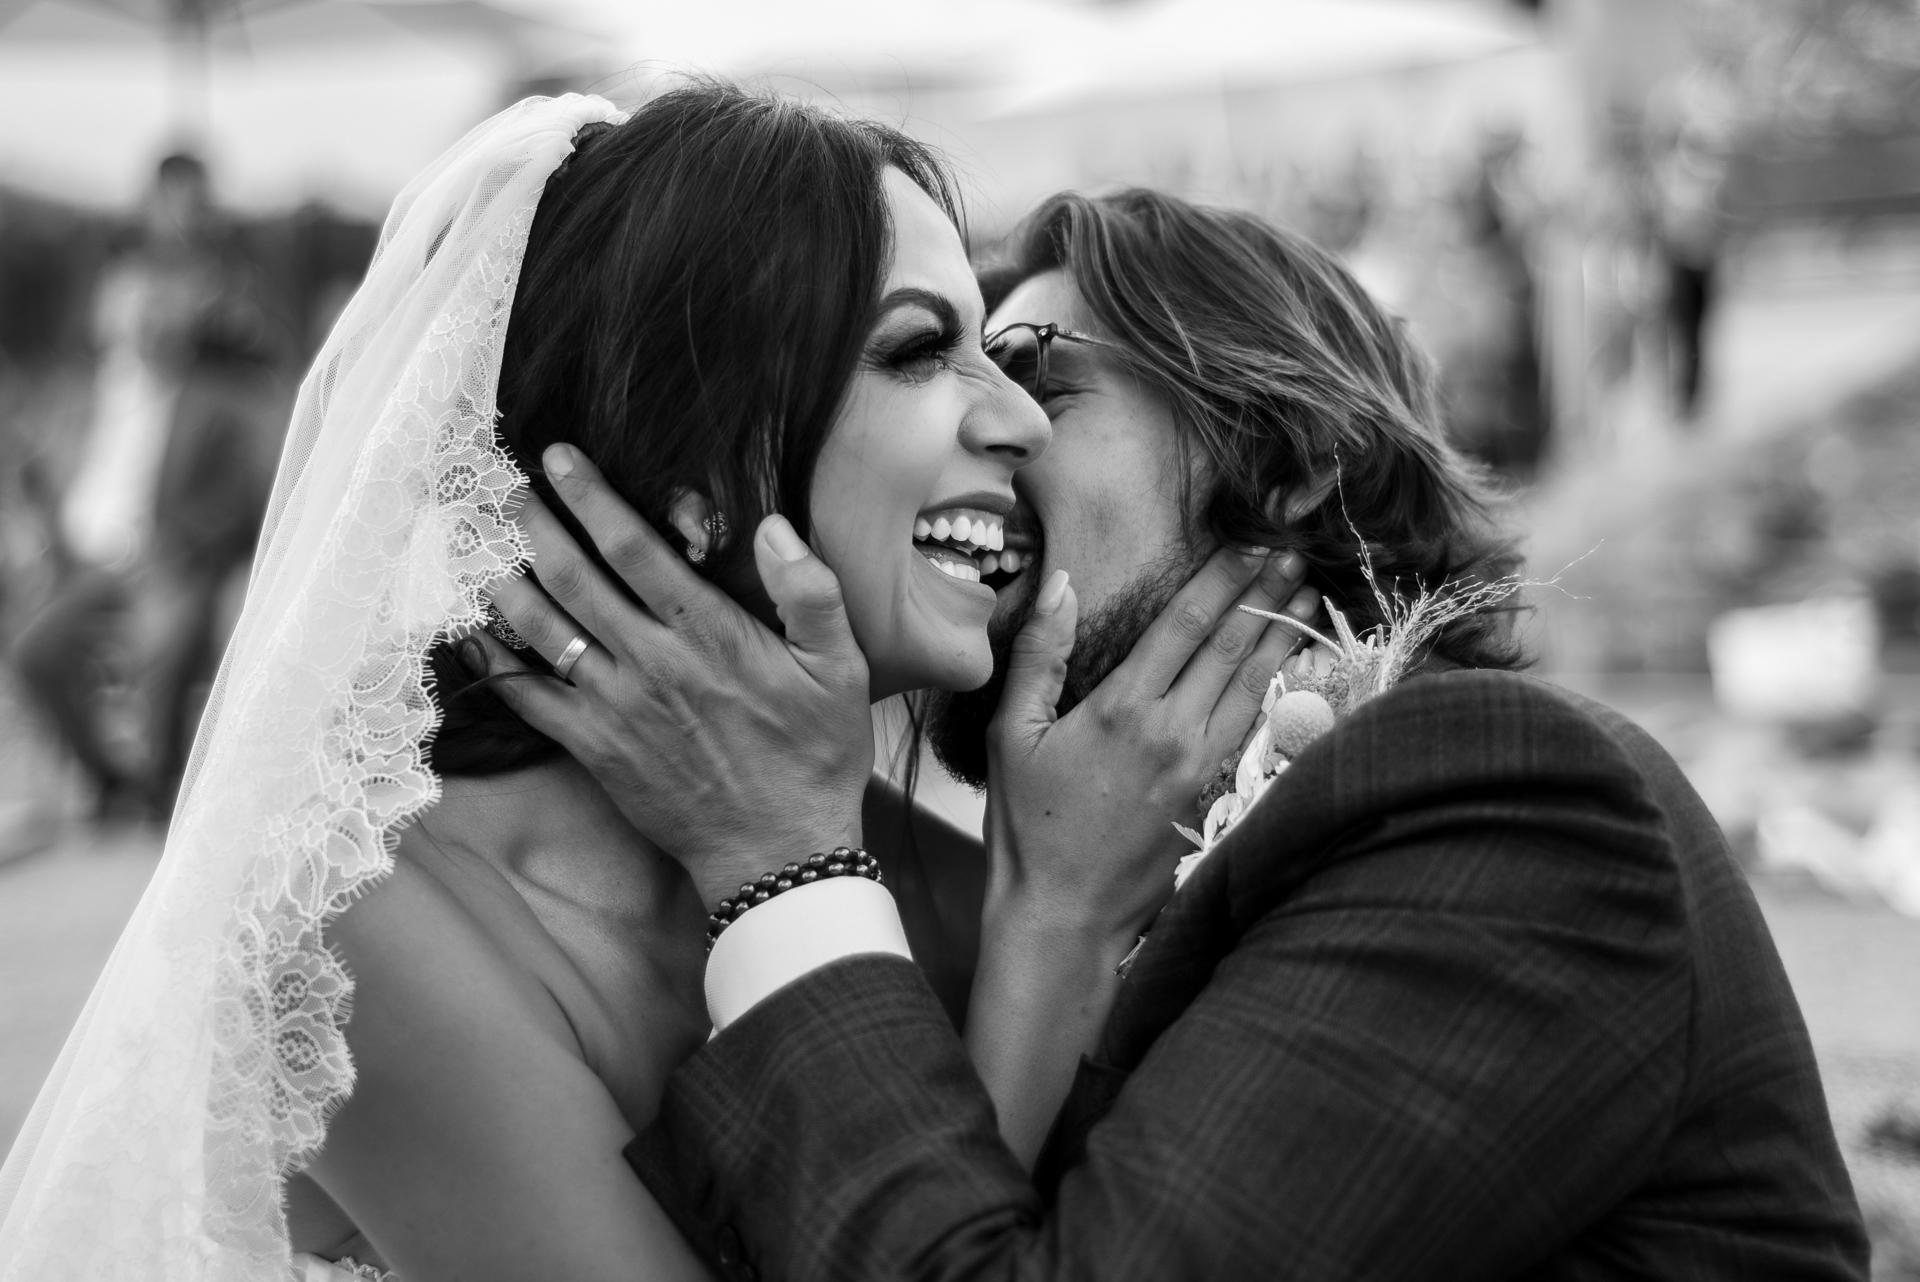 Meilleure photographie de mariage de San Miguel de Allende | un moment spontané lors de la cérémonie, le couple rit